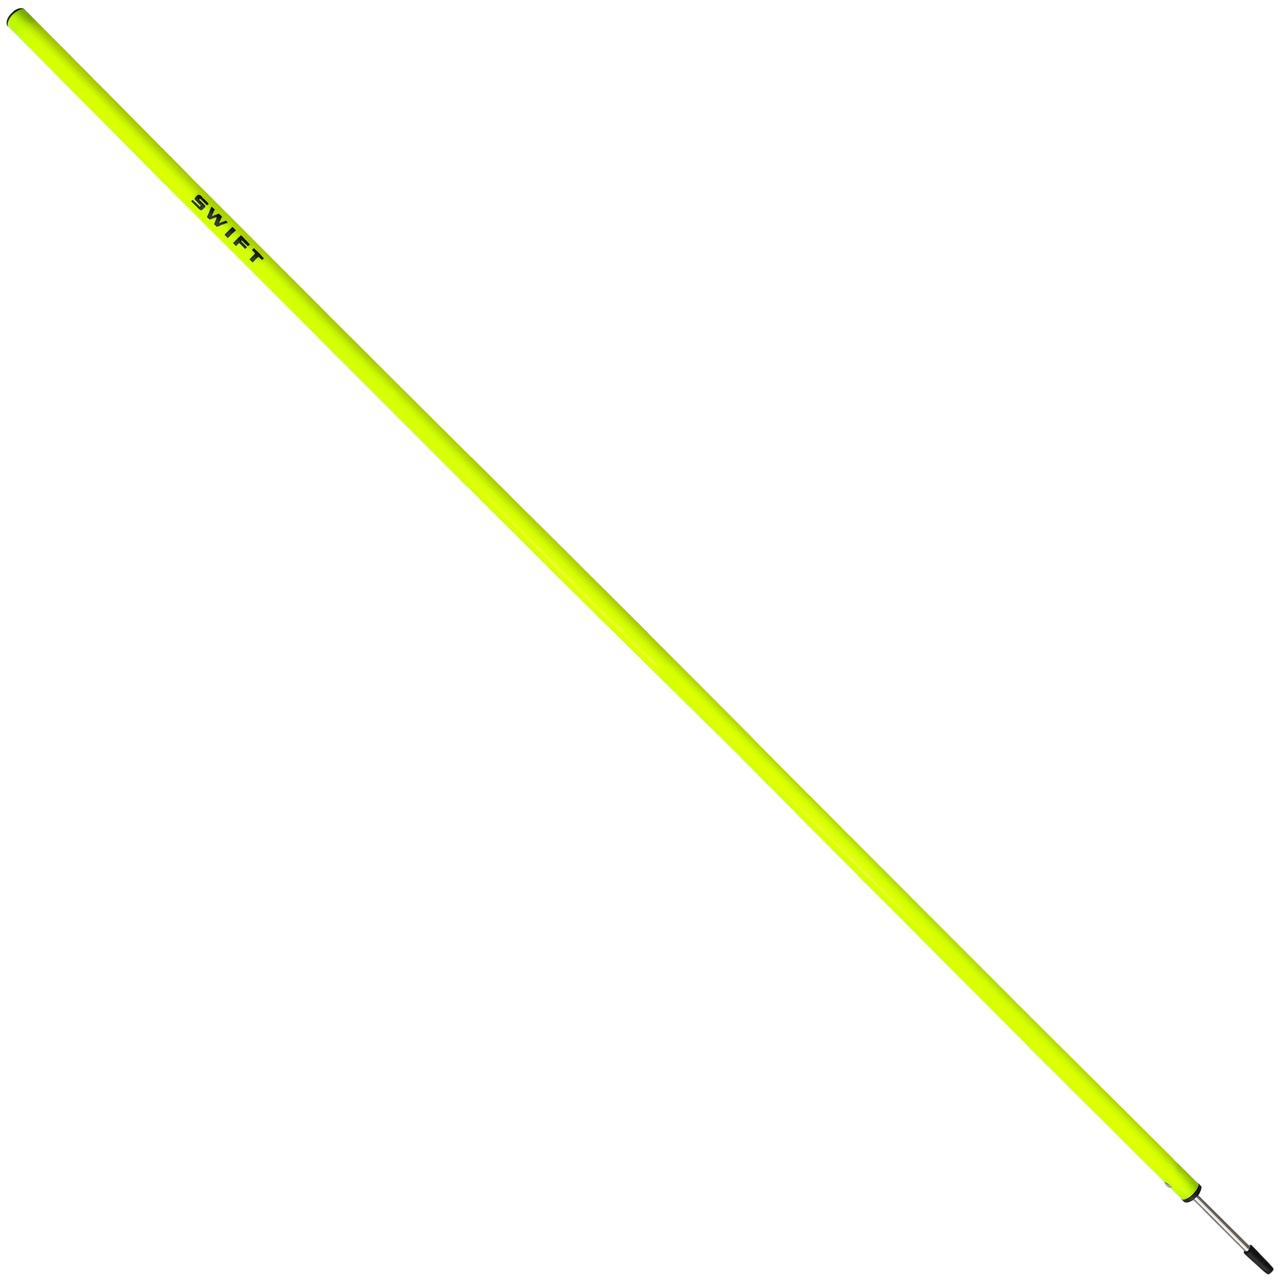 Шест для слалома SWIFT Agility Pole With Spike d=30 мм, 160 см, желтый